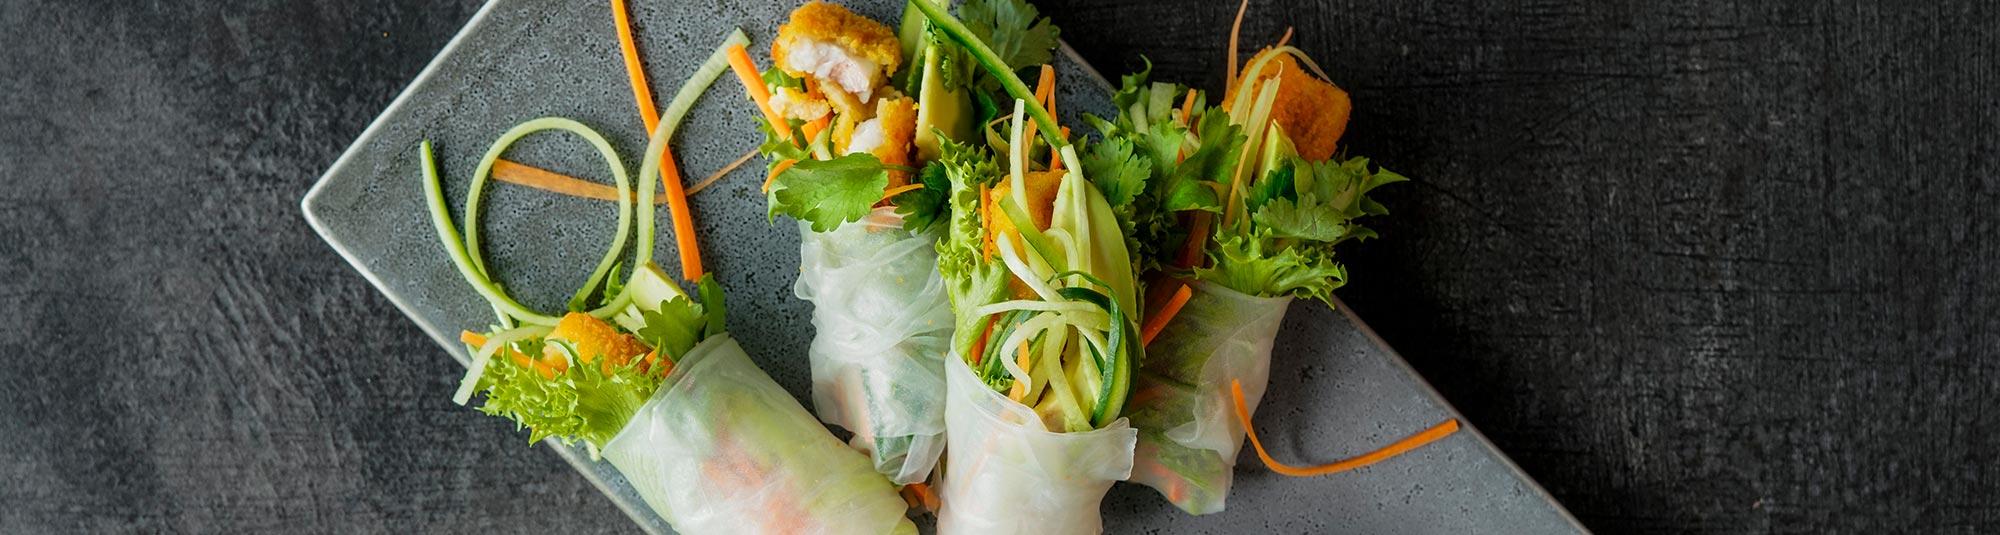 Fiskepinner og grønnsaker i ferske vårruller på kjøkkenbenken